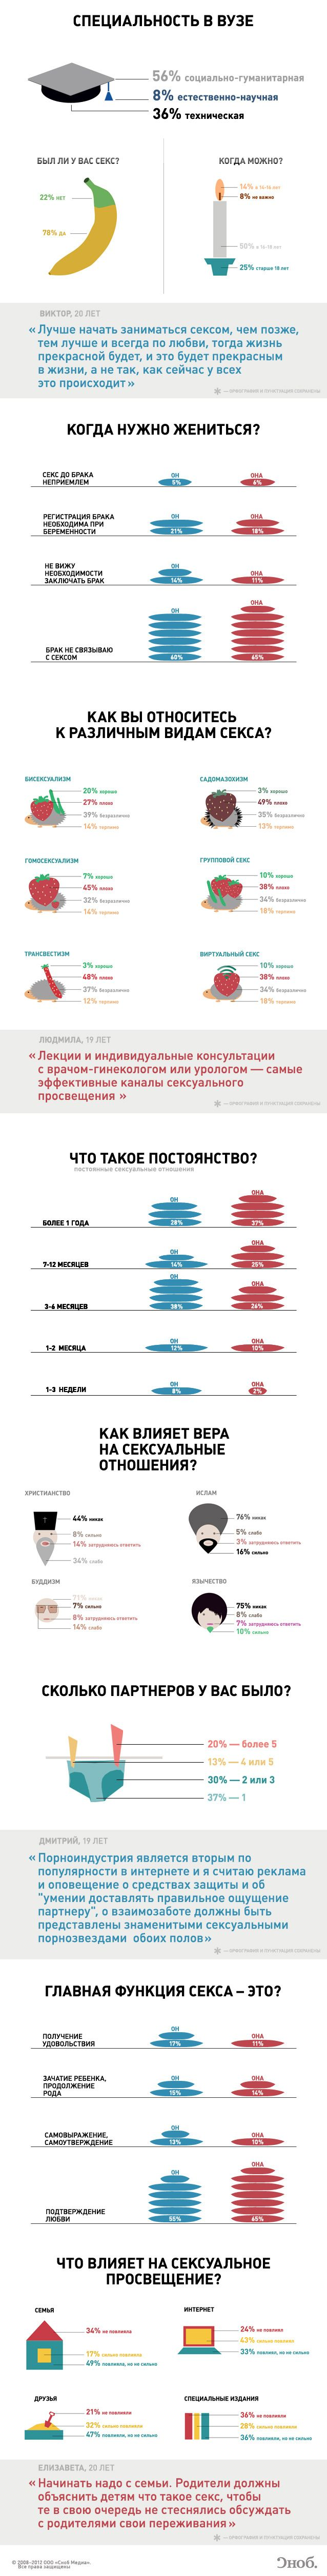 Инфографика: Мнения московских студентов о сексе